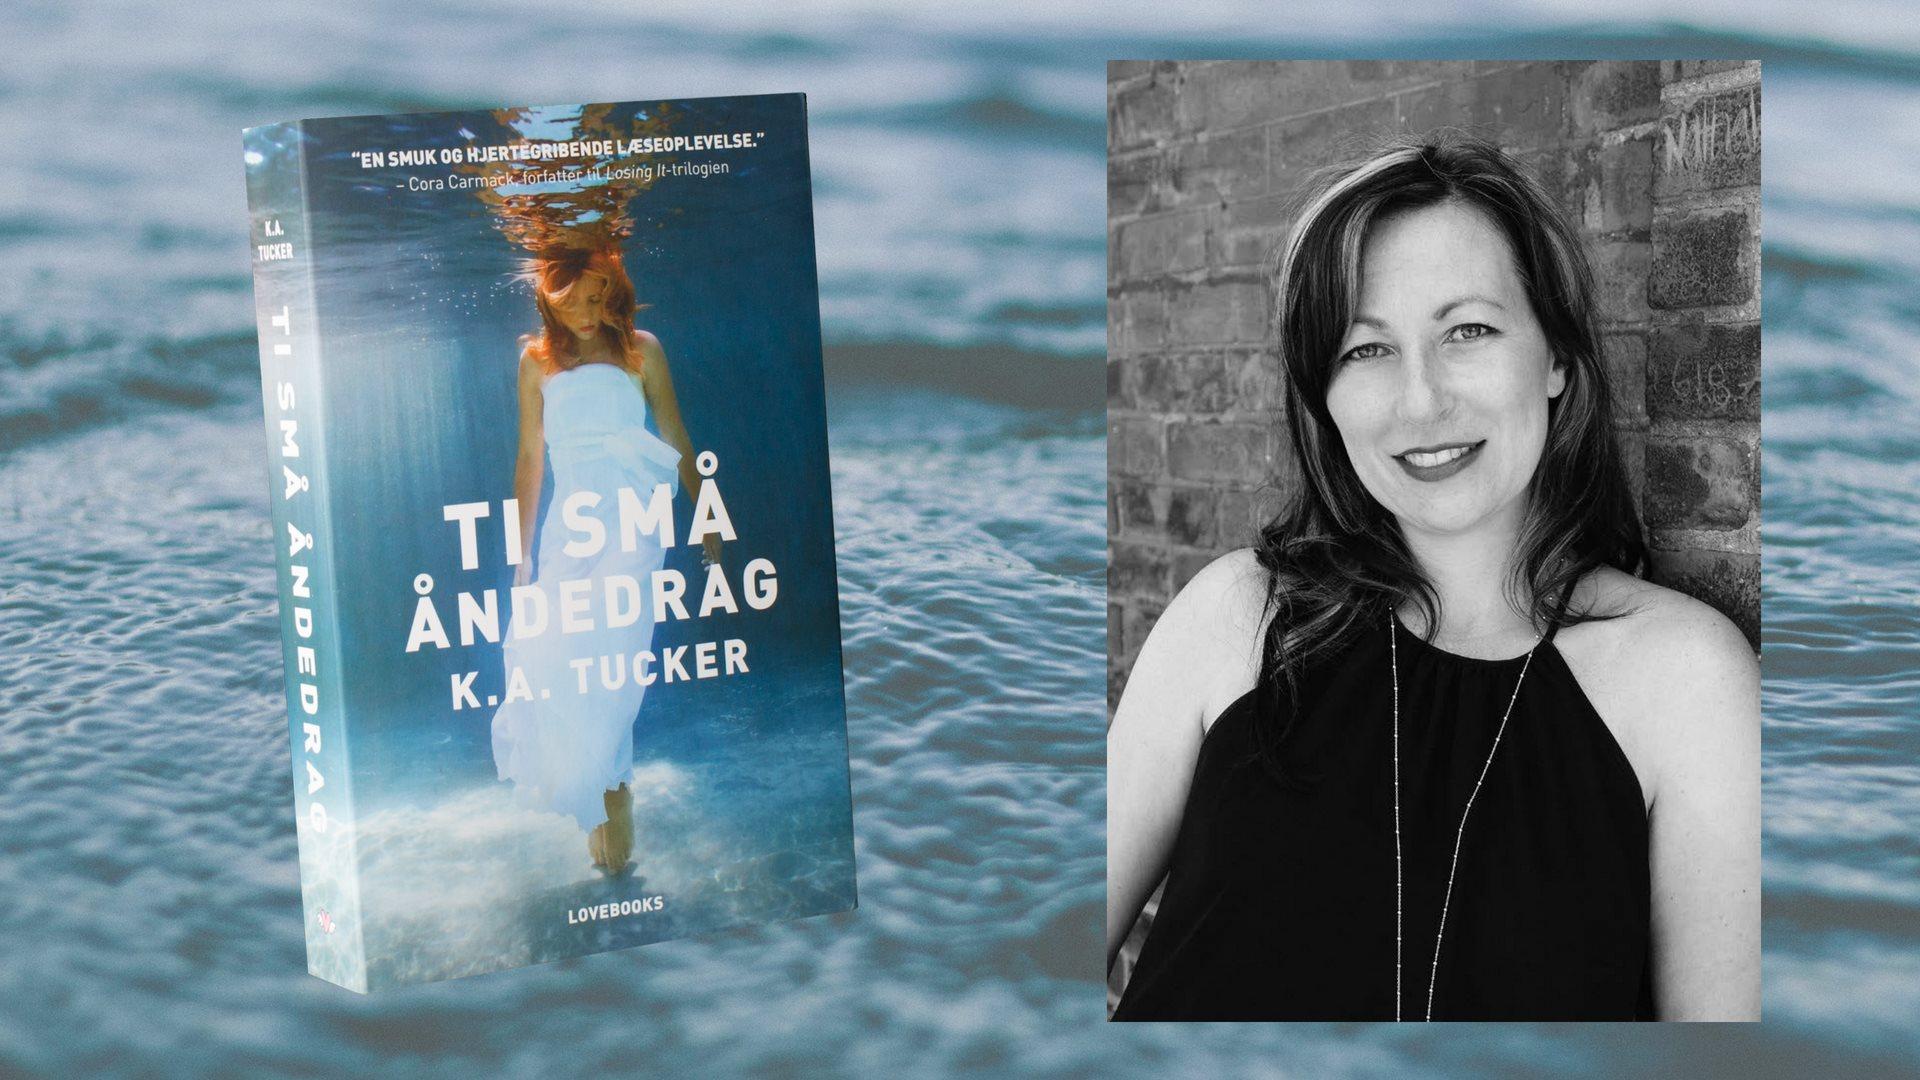 K.A. Tucker, Ti små åndedrag, Lovebooks